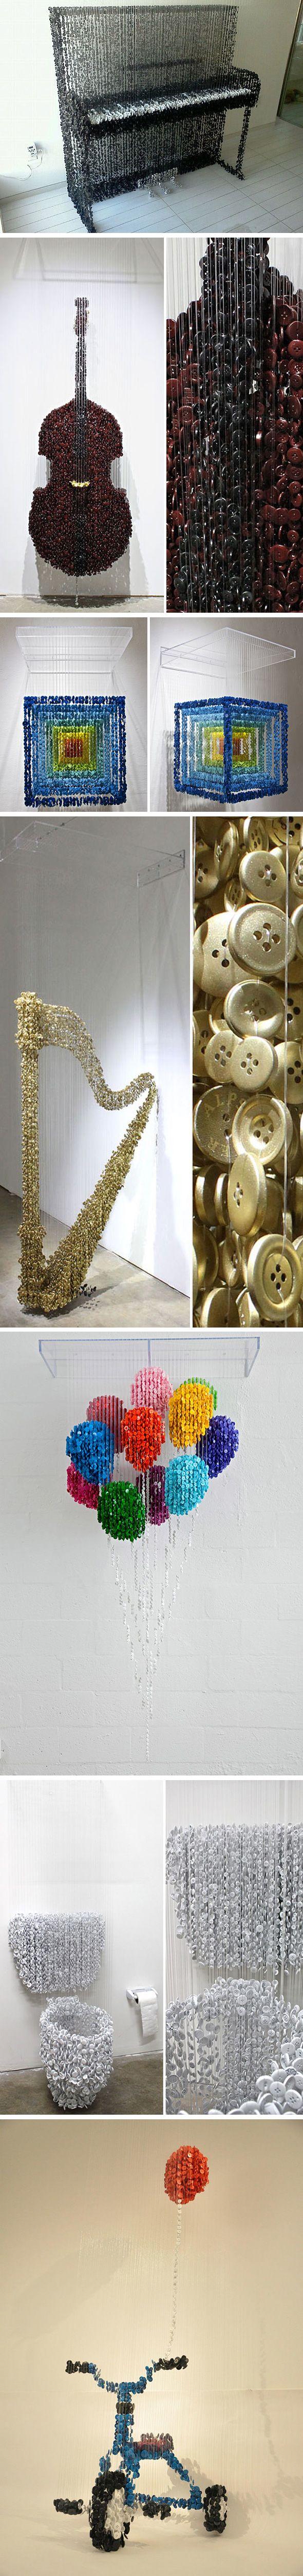 Sculptures-3D-Augusto-Esquivel-2